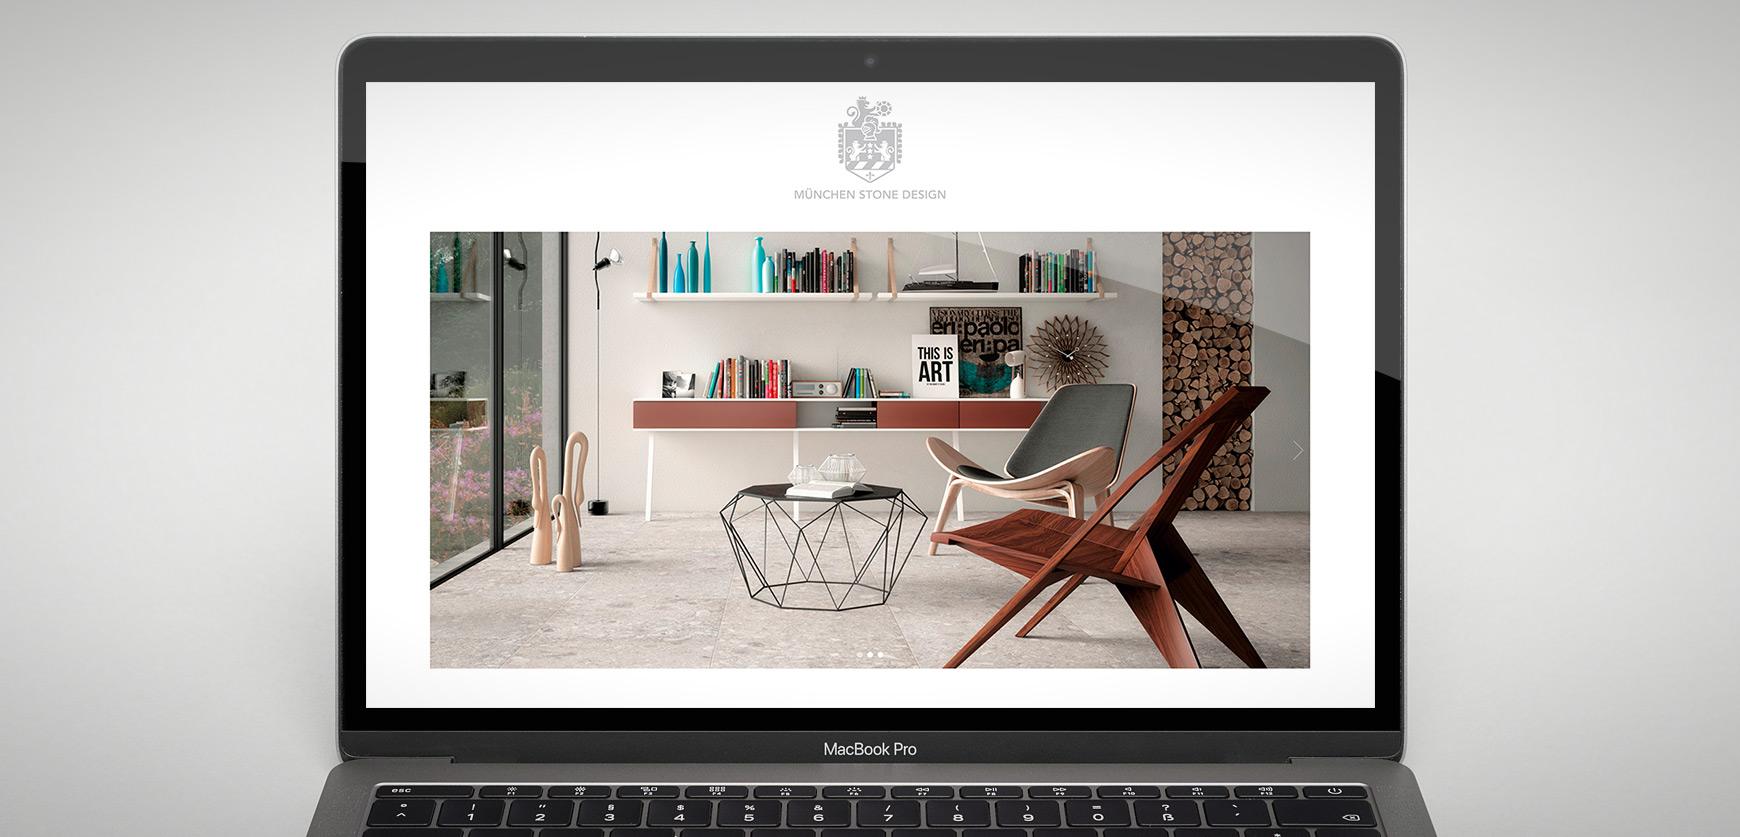 Munich Stone Design Schaufenster